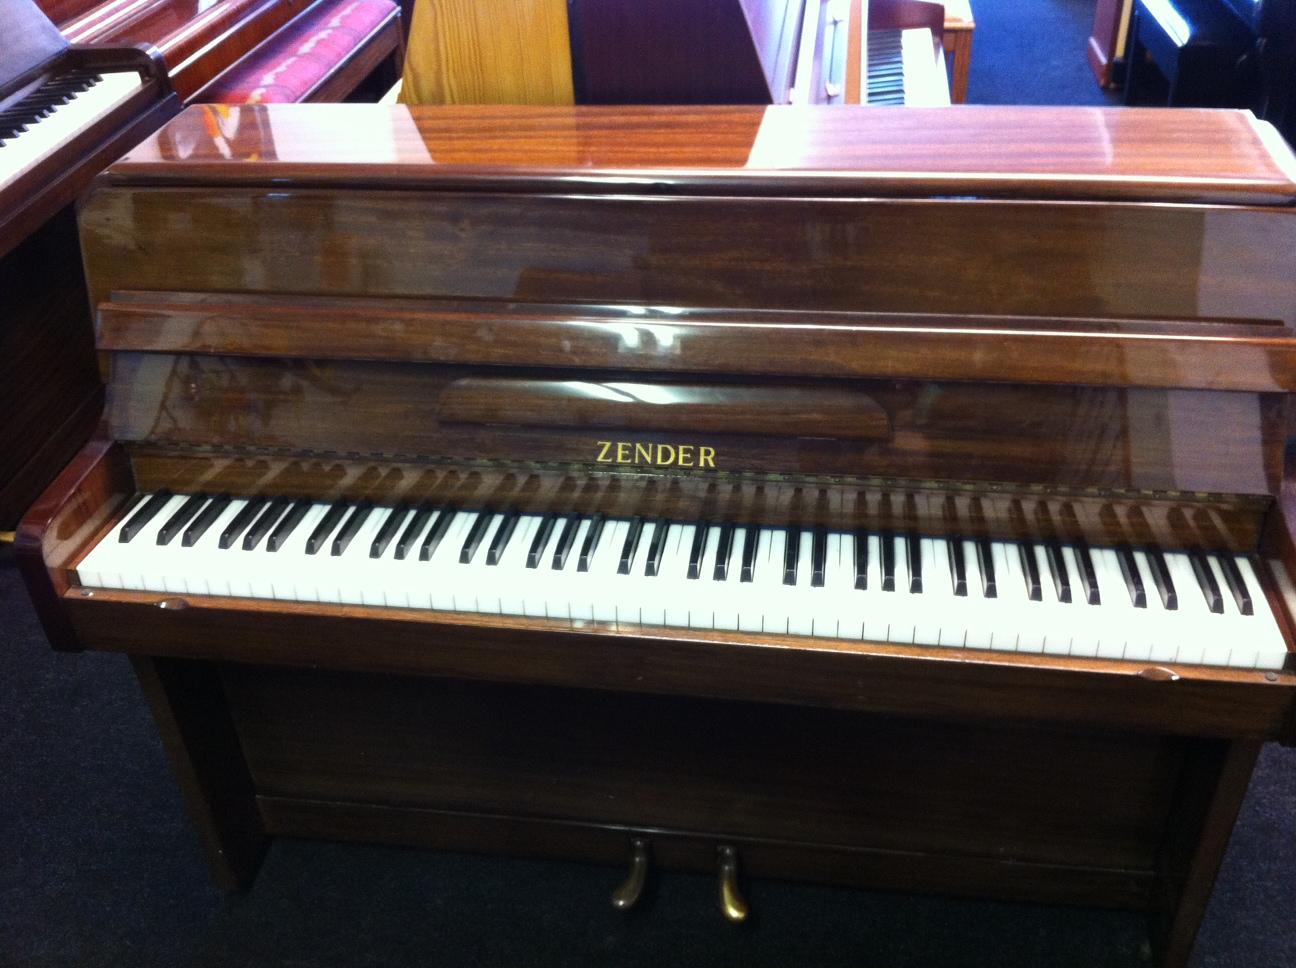 Zender Piano polished walnut